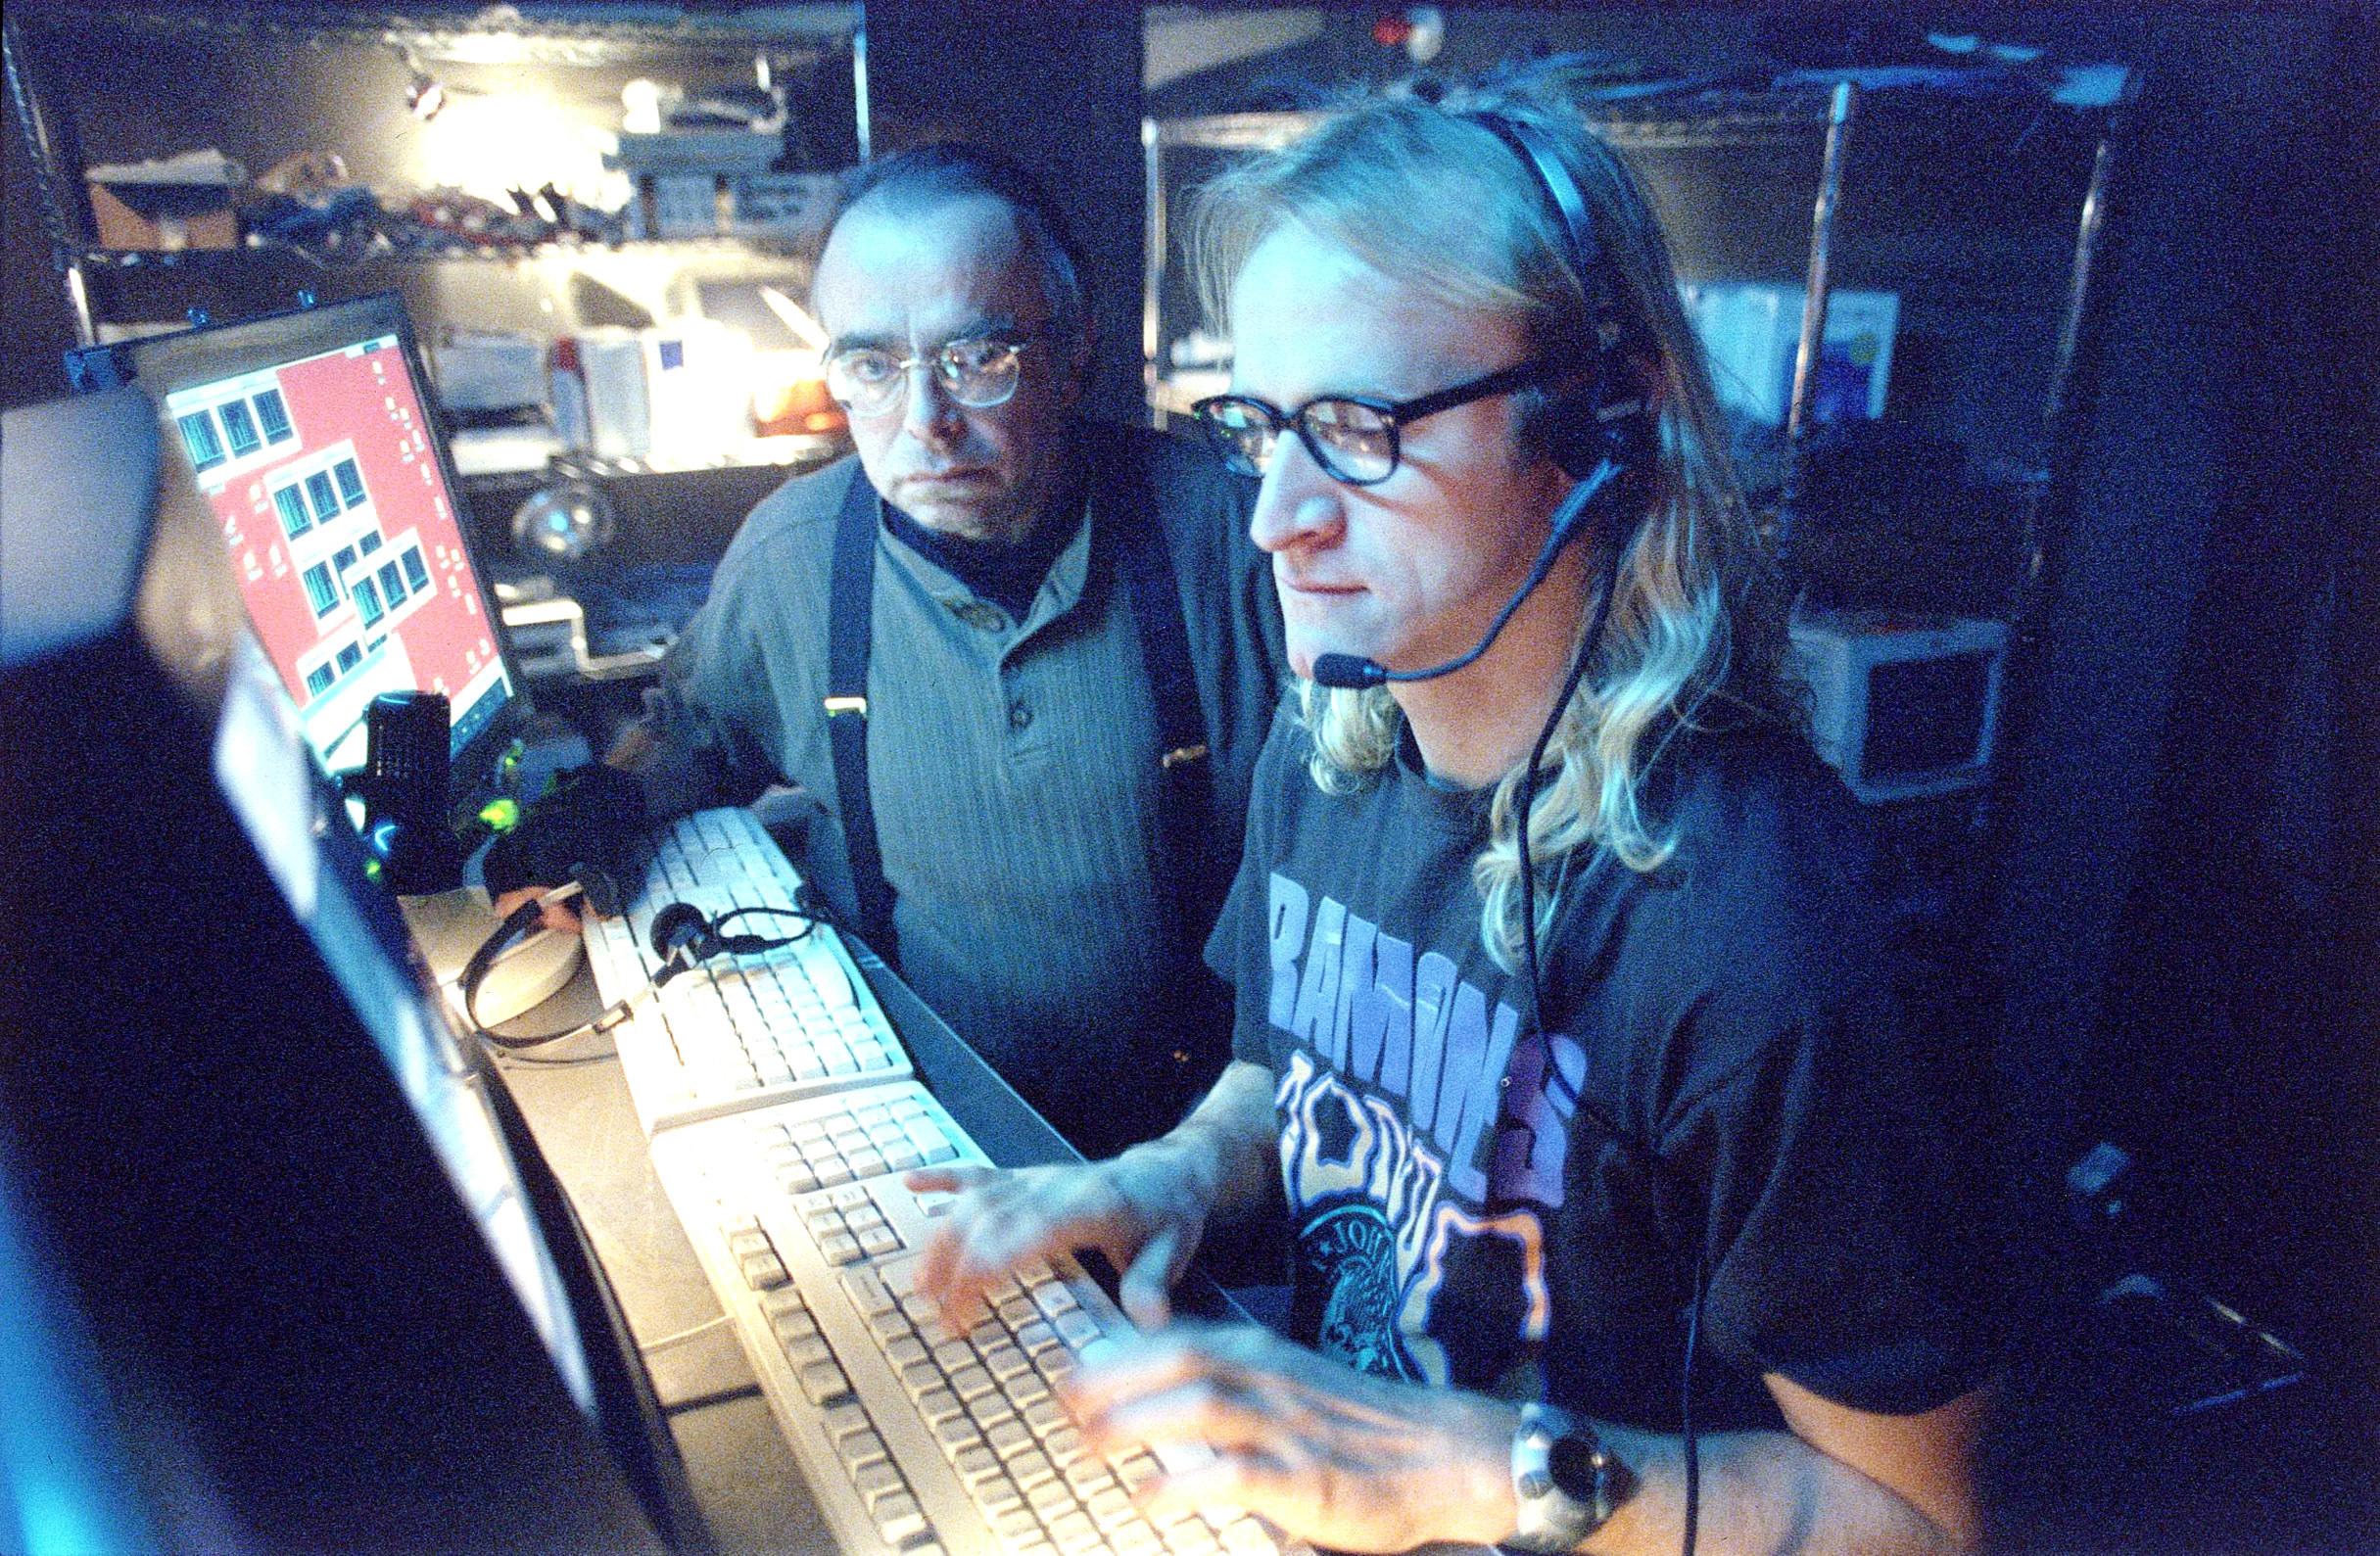 Melvin and Richard at a computer